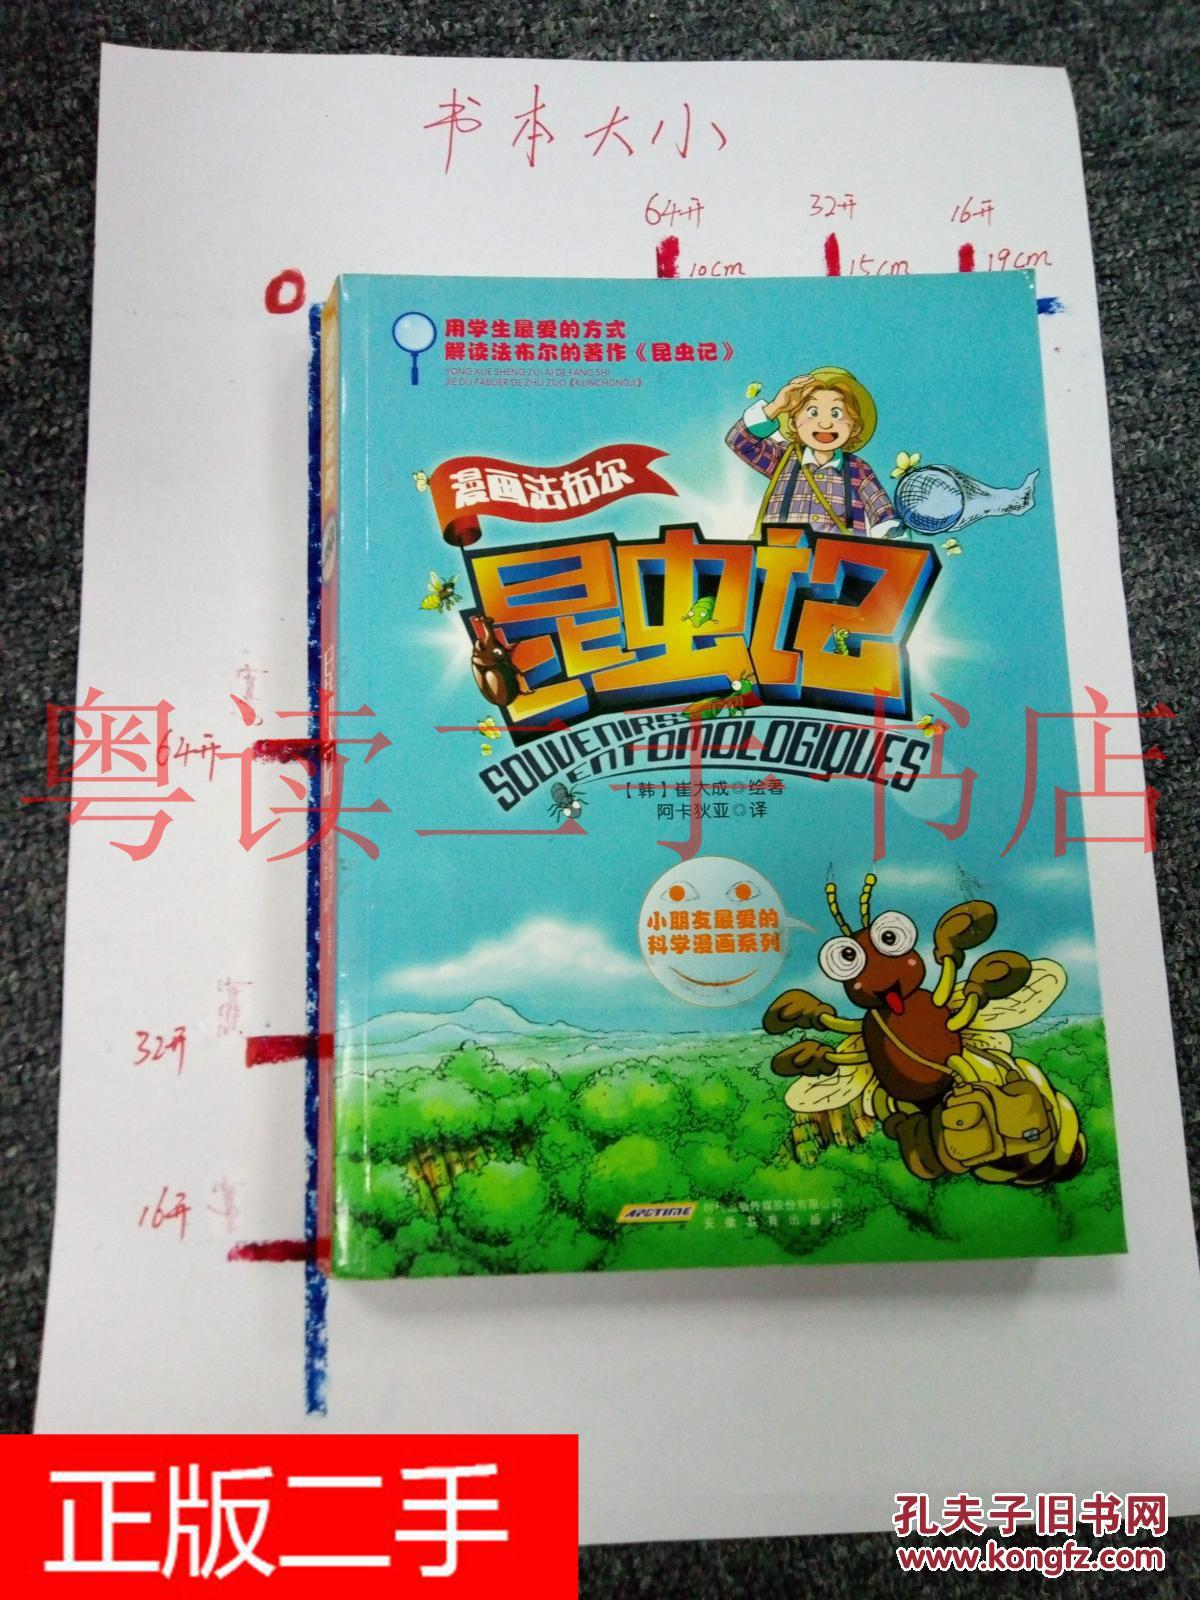 昆虫法布尔漫画记&6A105238漫画百合a昆虫v昆虫图片